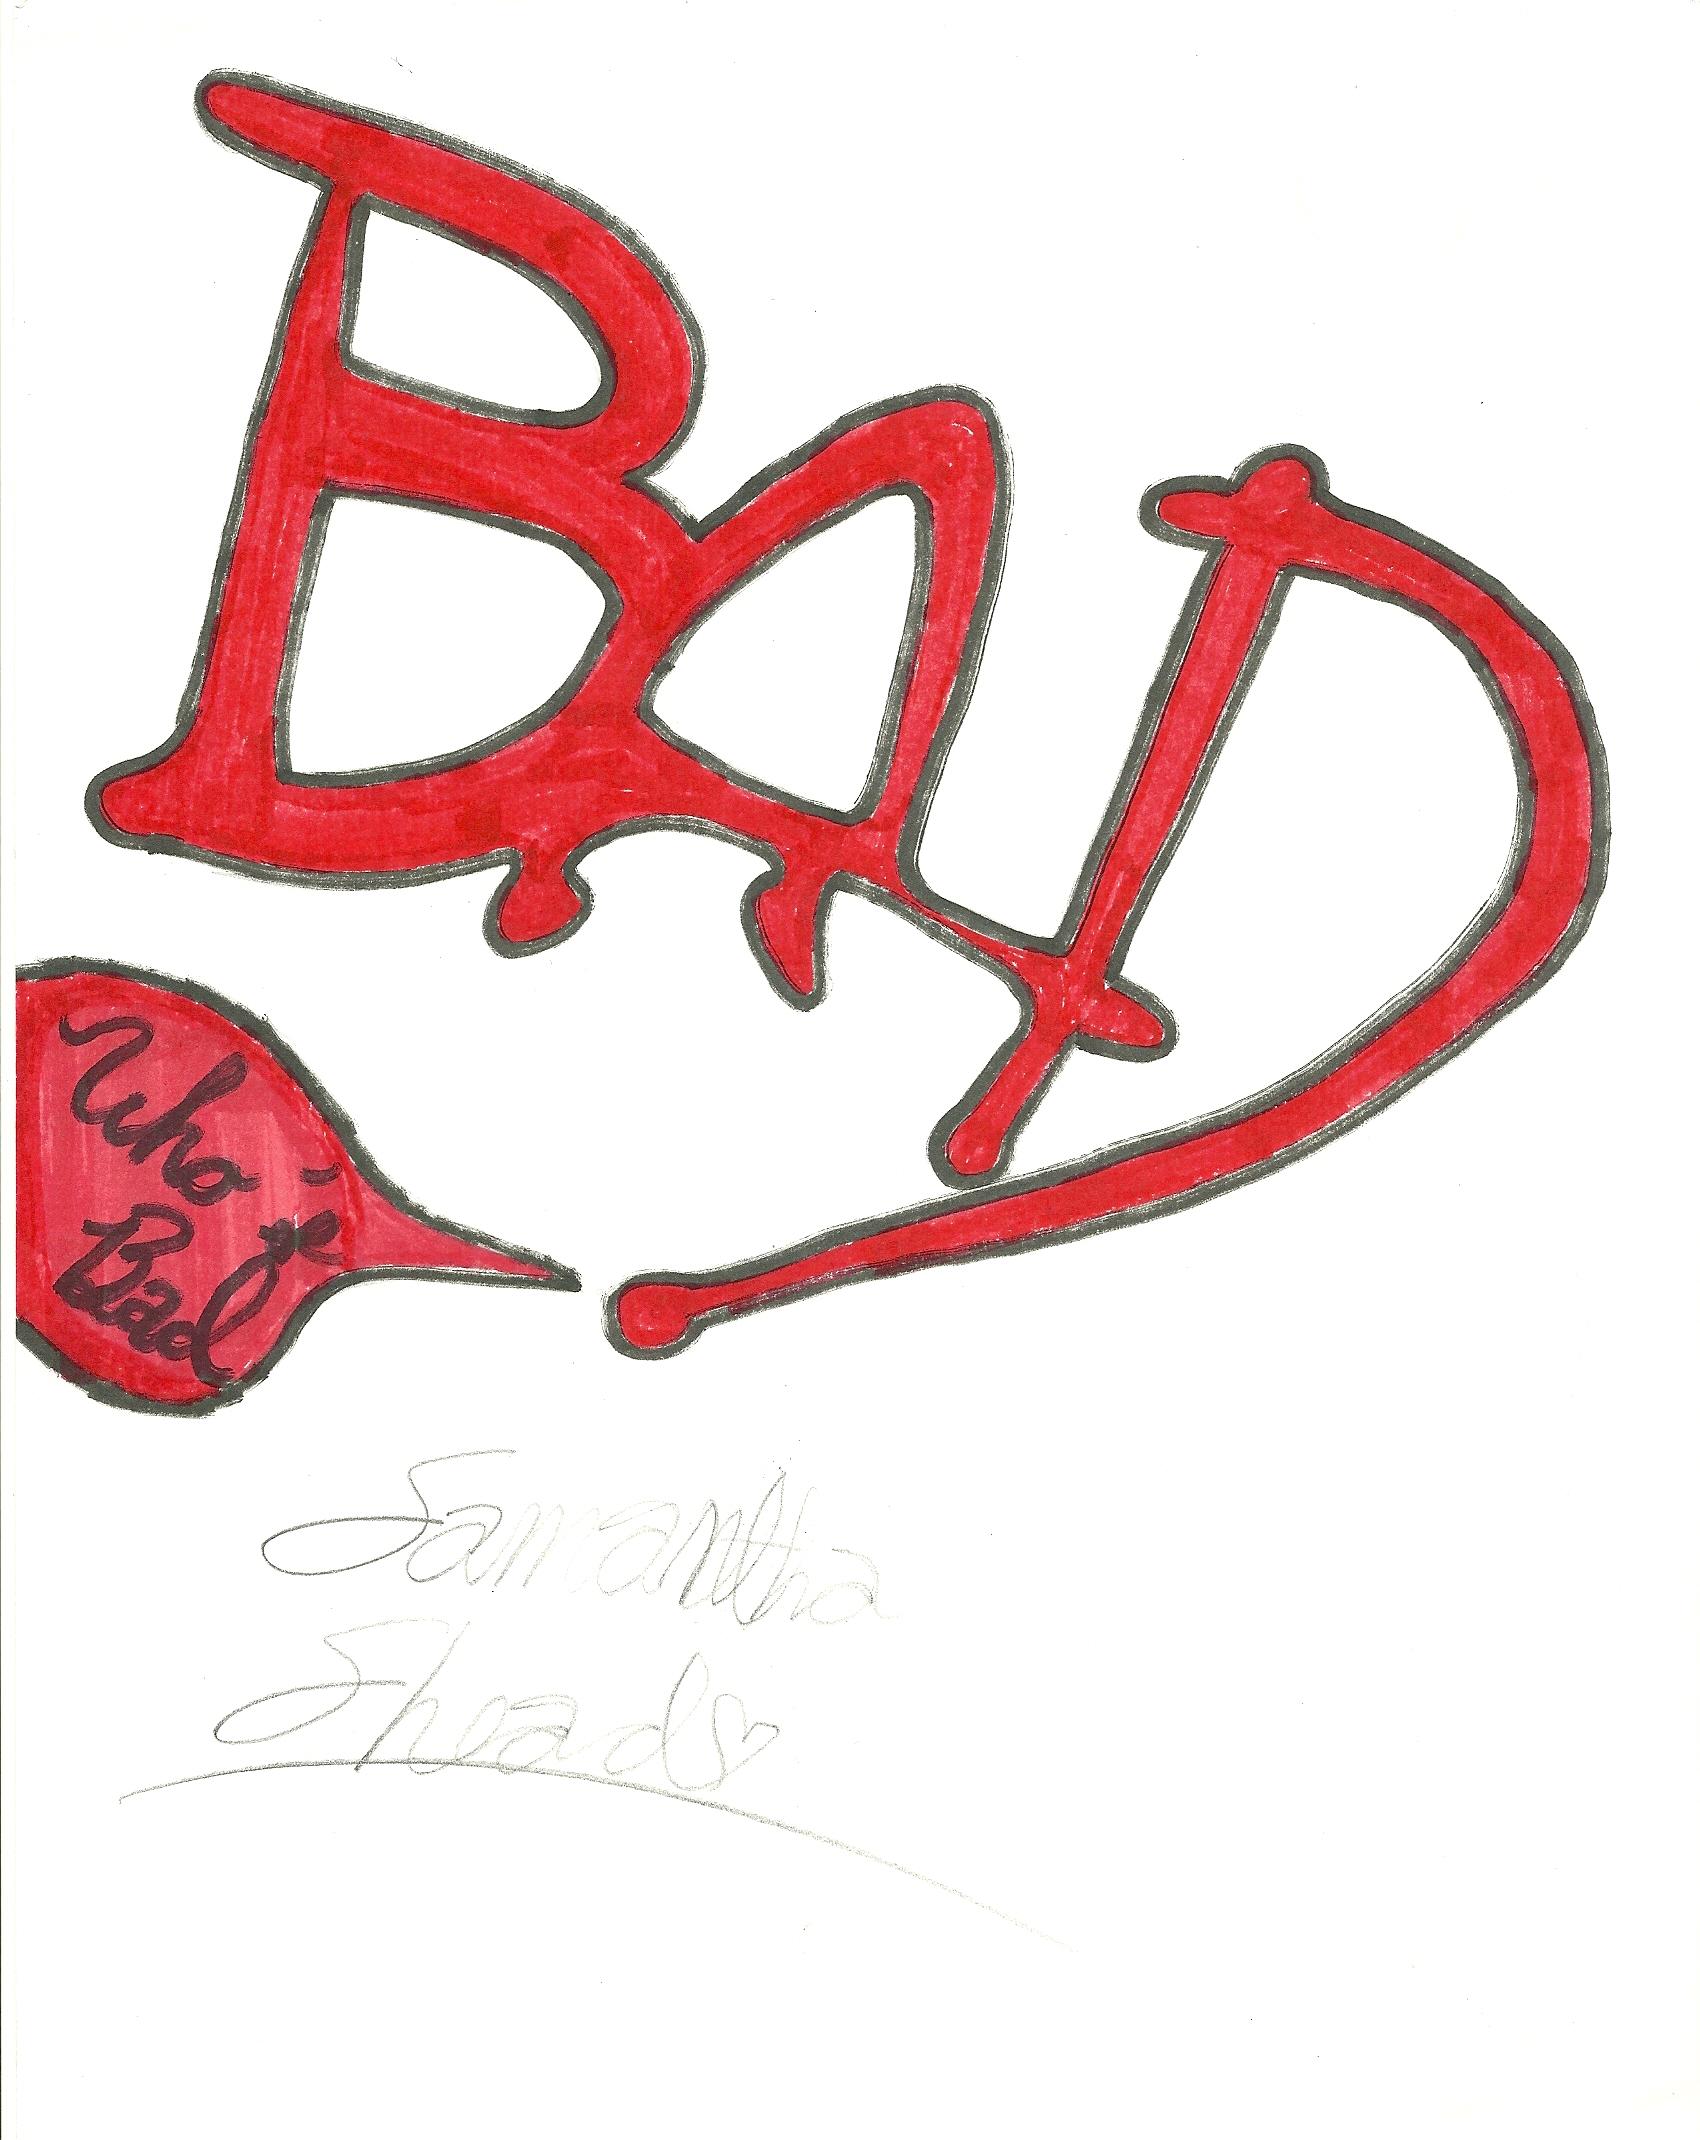 Who's BAD? by BabysmoothMJ01